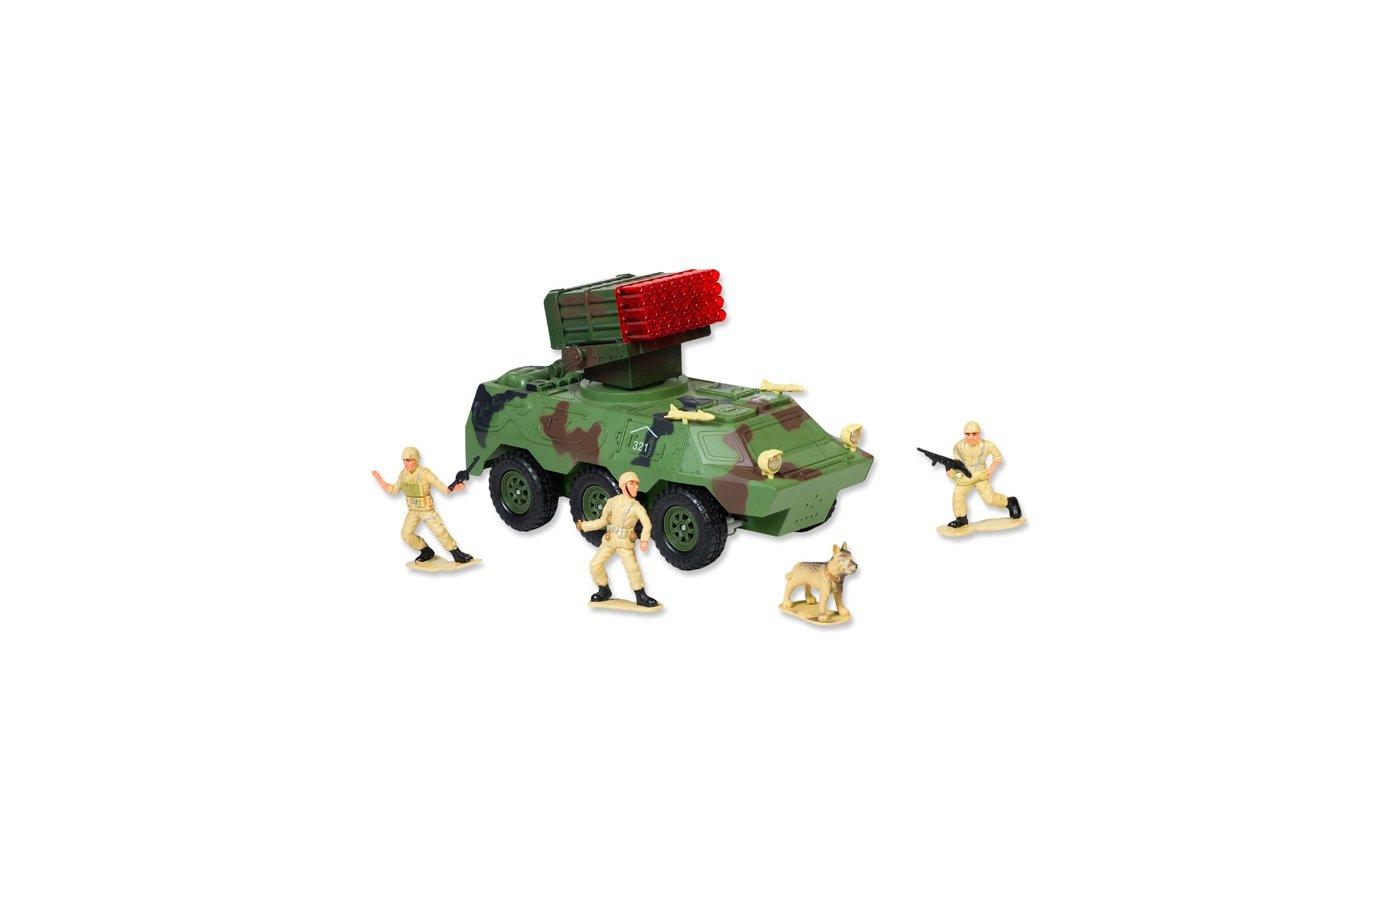 Игрушка Mioshi Army MAR1207-002 Бронетранспортер с зенитной установкой